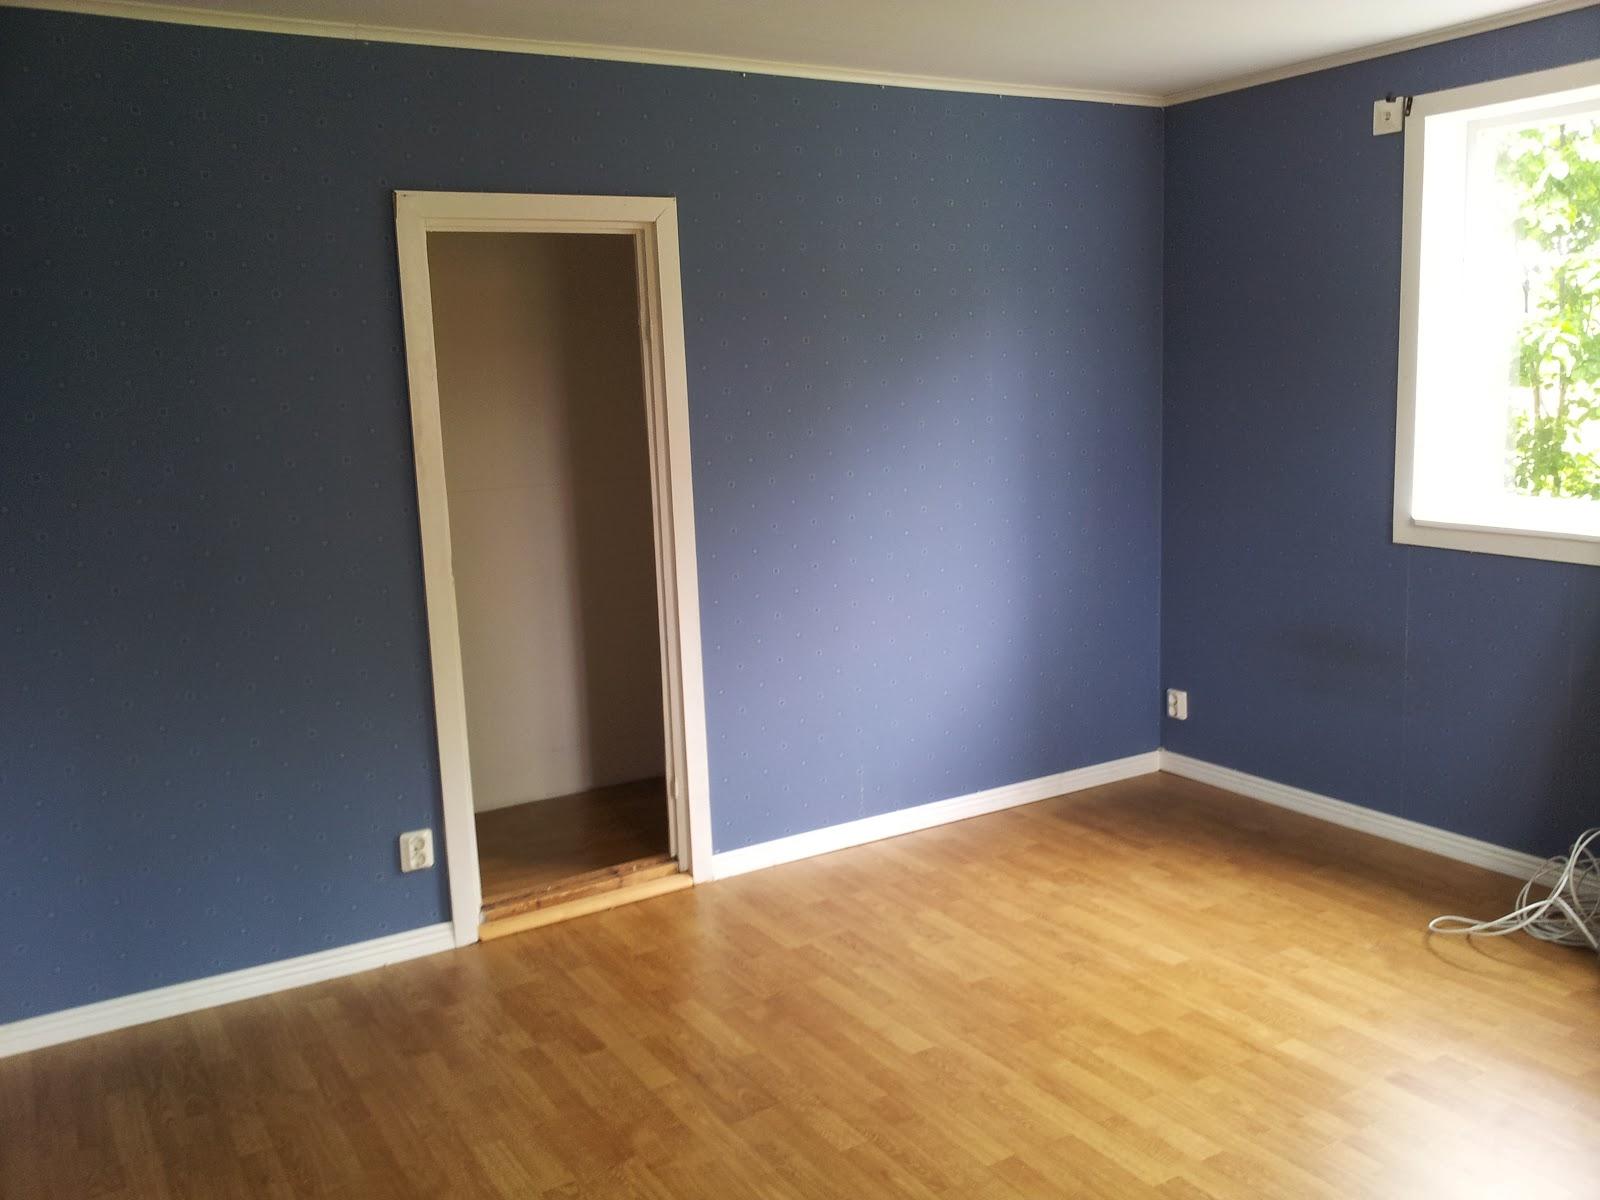 Skapande hem: bygga säng i lilla stugan.